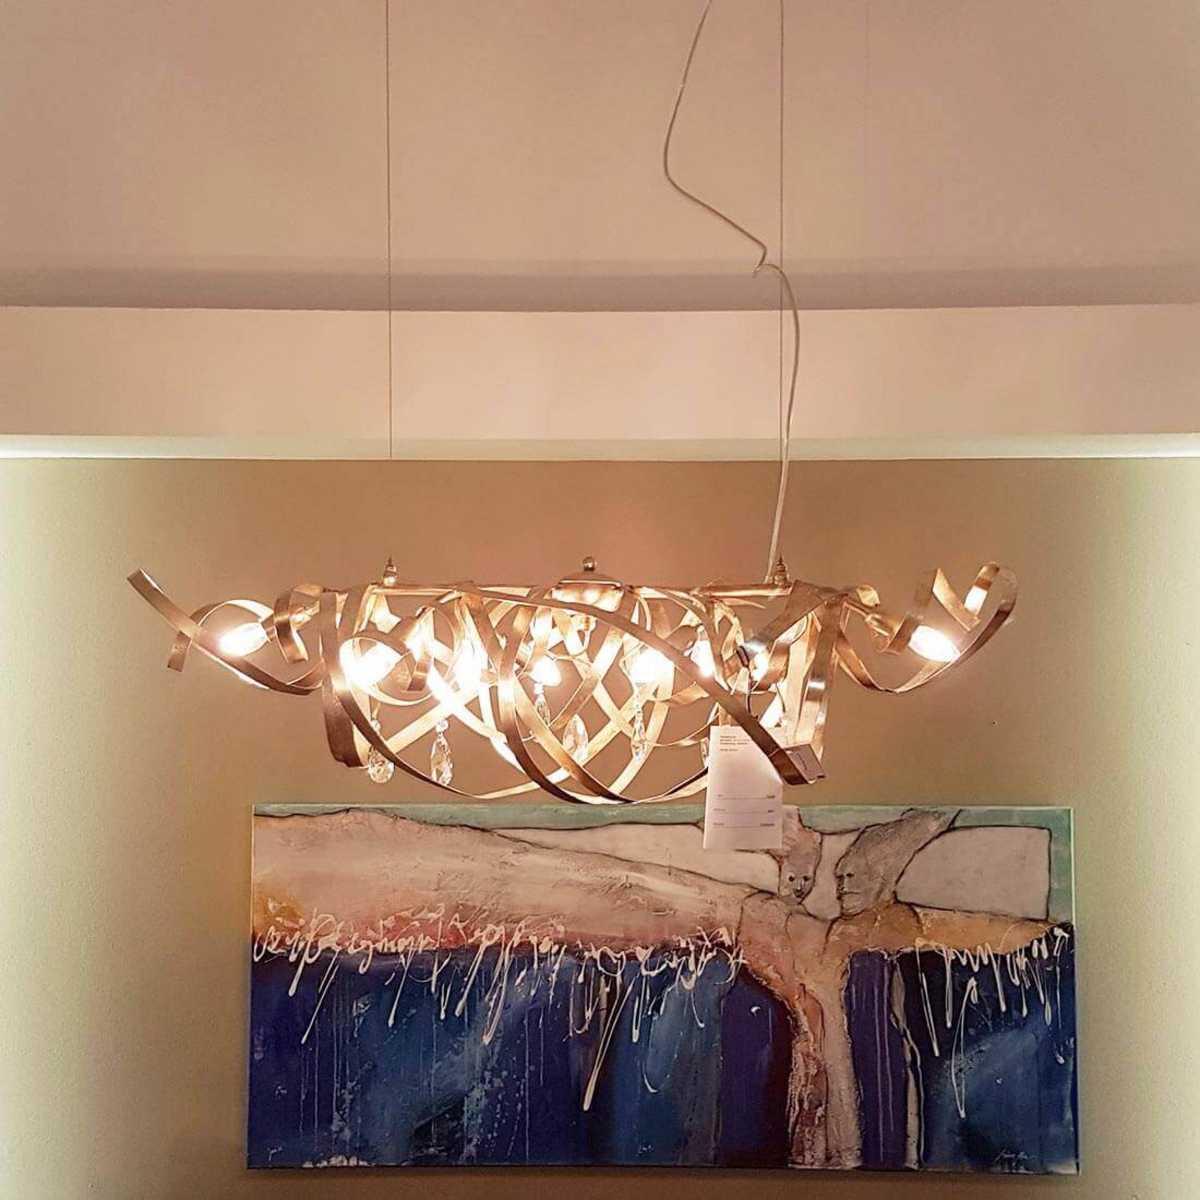 Full Size of Lampen Esstisch Weiß Holzplatte Kolonialstil Industrial Holz Massiv Skandinavisch Stehlampen Wohnzimmer Vintage Massivholz Ausziehbar Beton Mit Stühlen Oval Esstische Lampen Esstisch